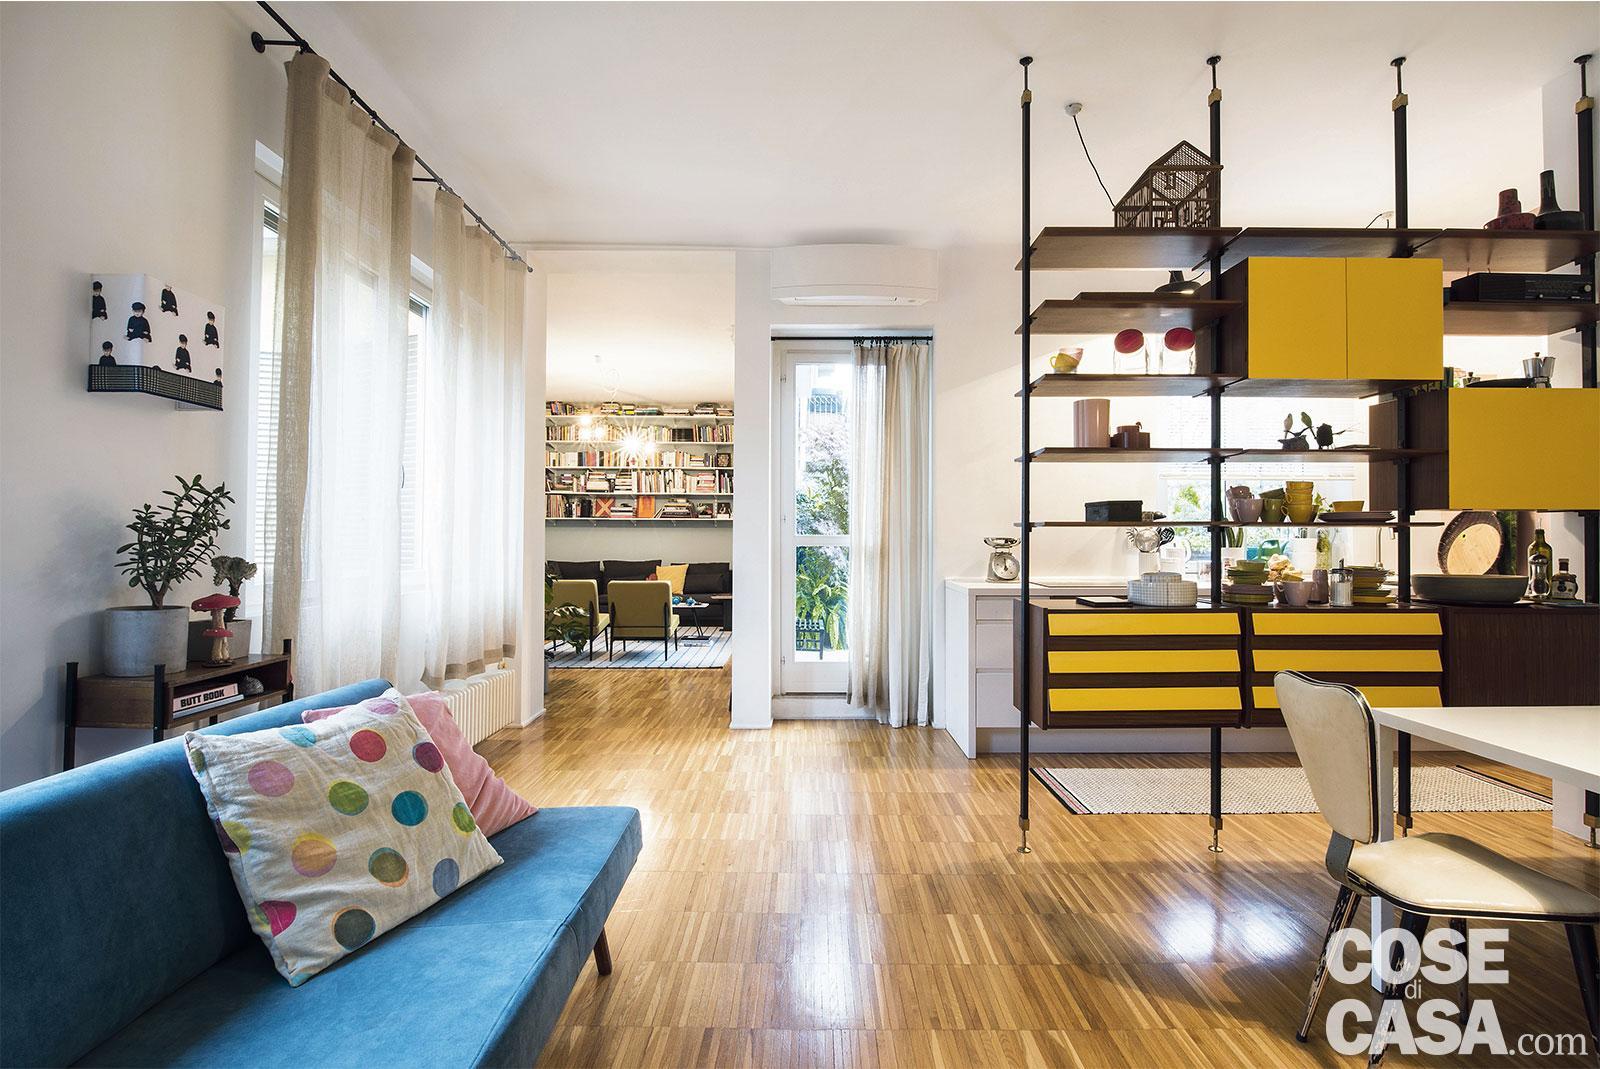 Camere Da Letto Arredate Vintage : Mq parquet industriale e stile vintage per gli arredi cose